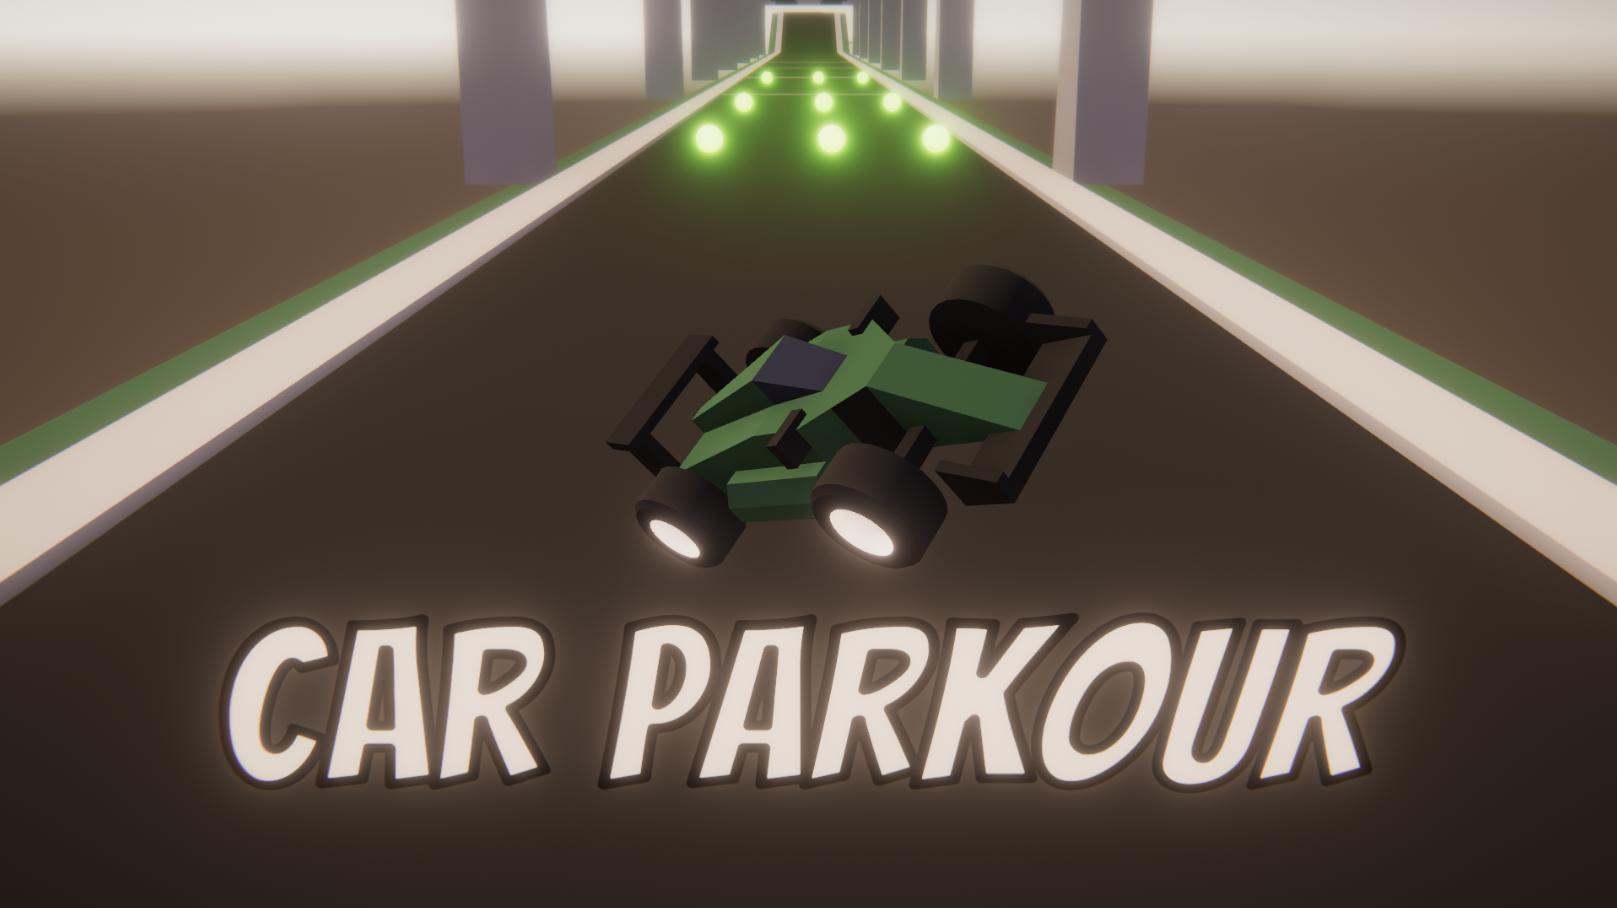 Car Parkour